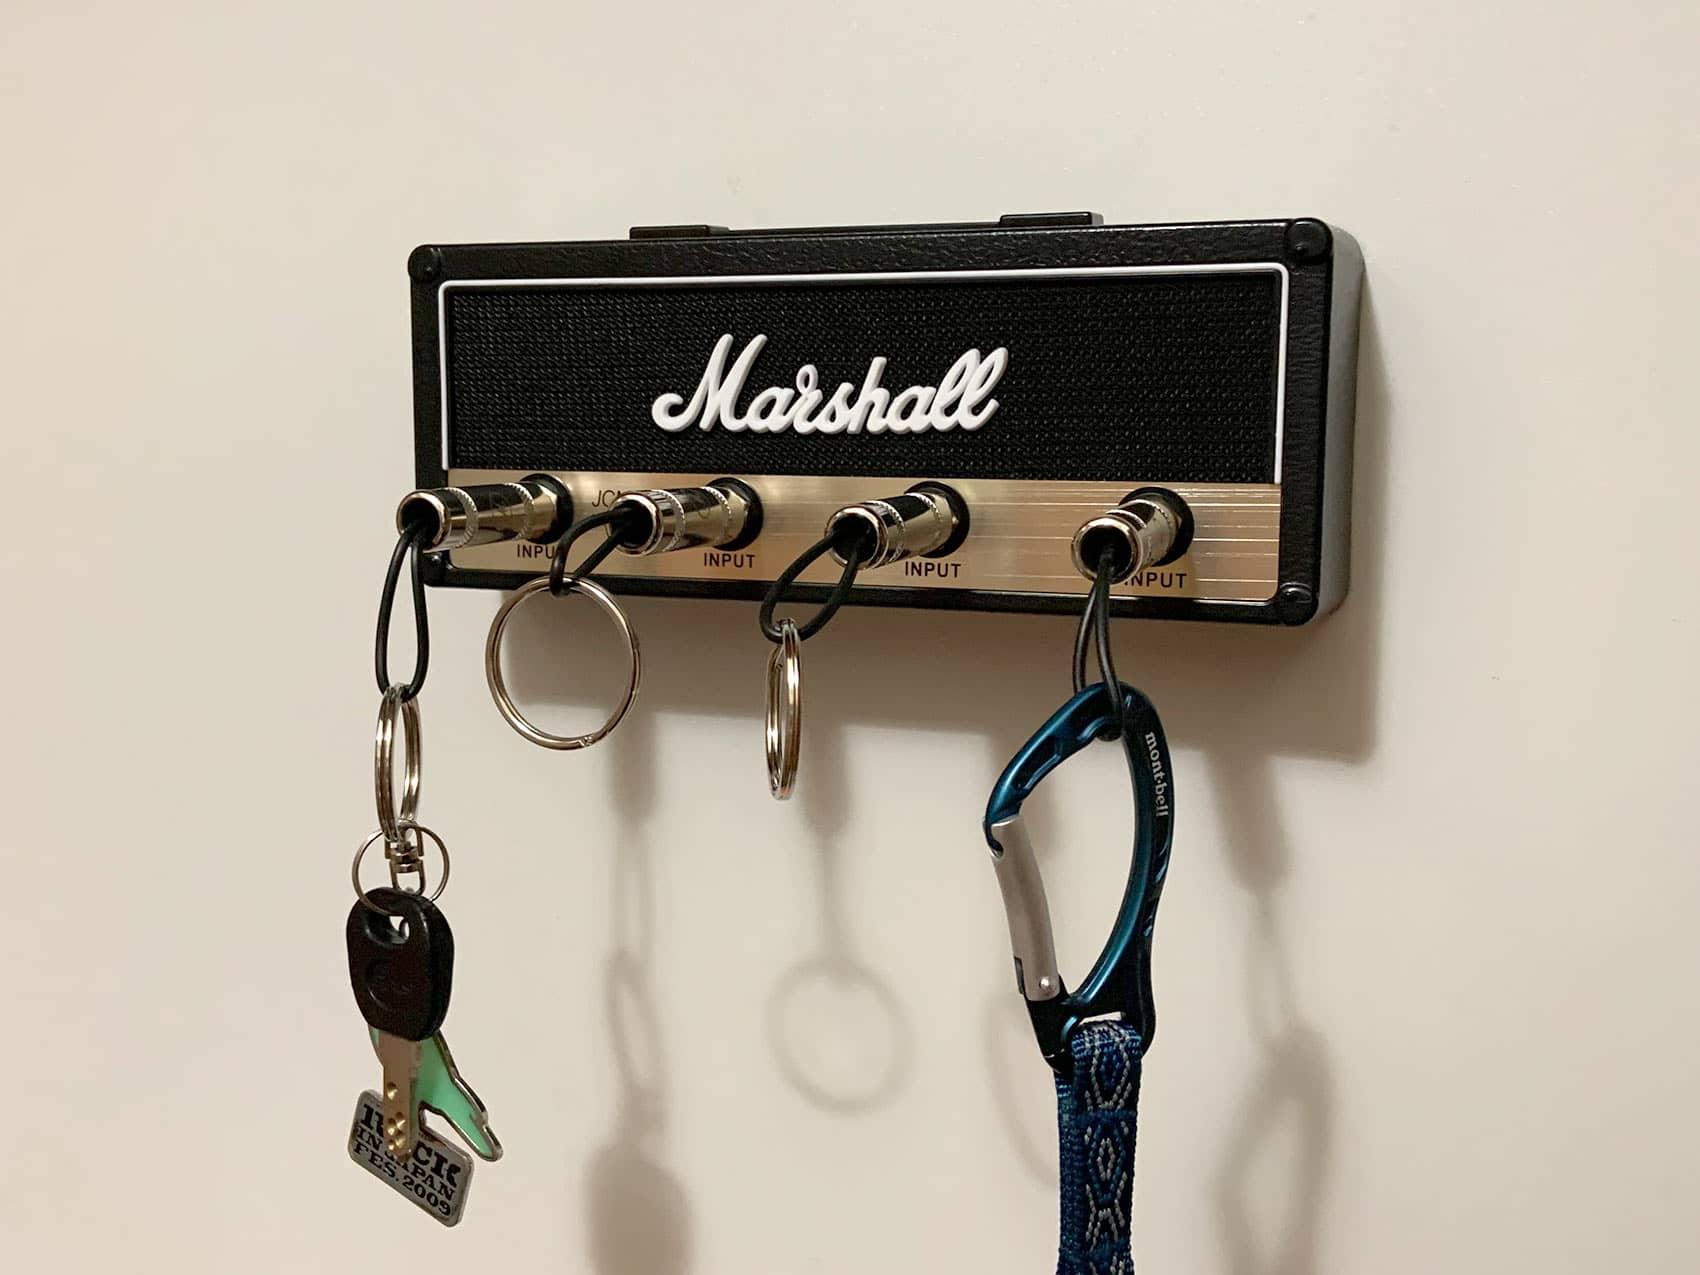 Marshall風キーラック取付完了(鍵差し込み状態)